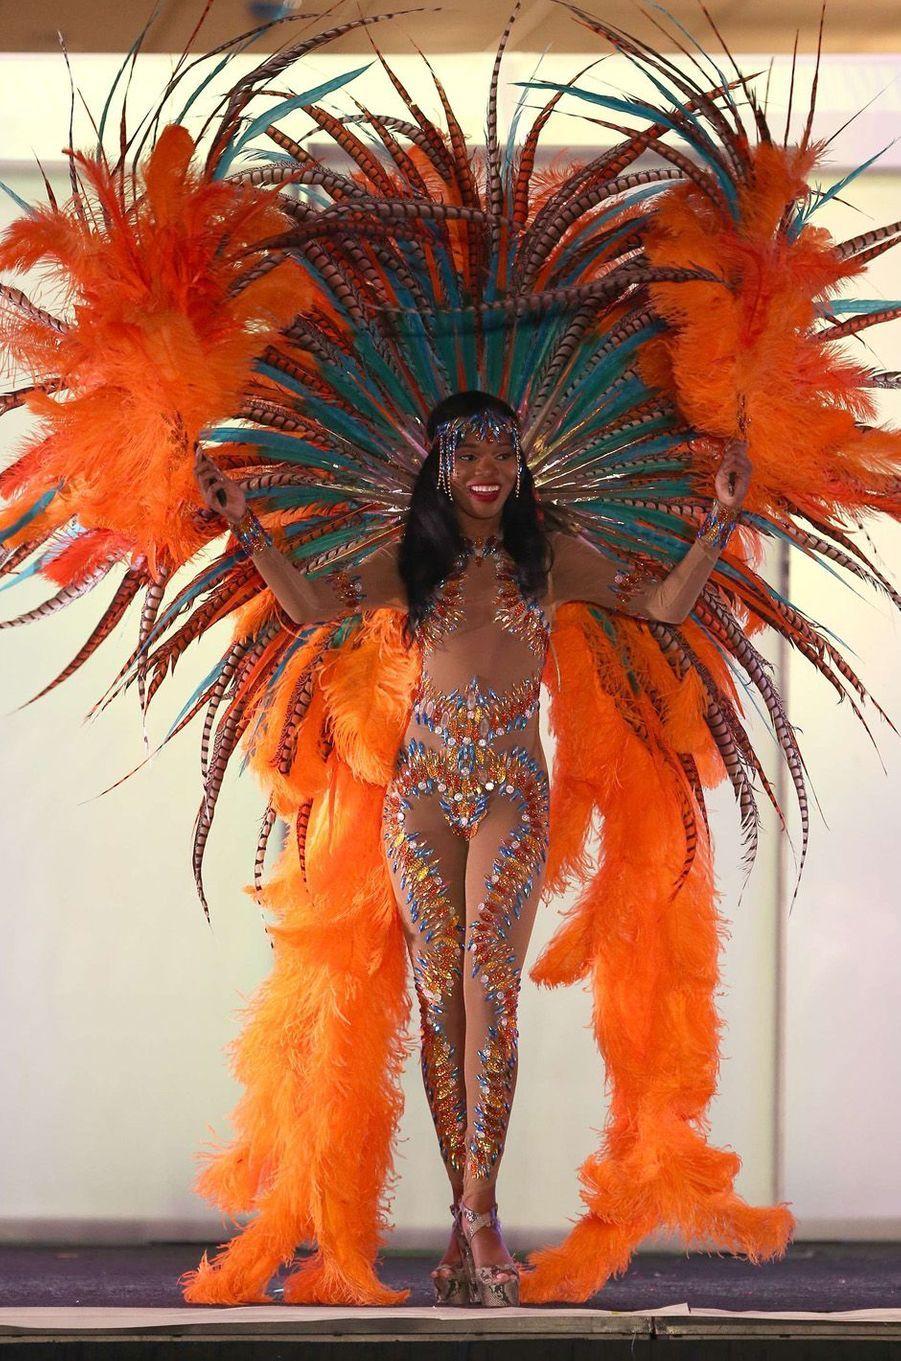 Yvonne Clarke, Miss Trinidad et Tobago,en costume national pour le concours Miss Univers, le 18 novembre 2017 à Las Vegas.